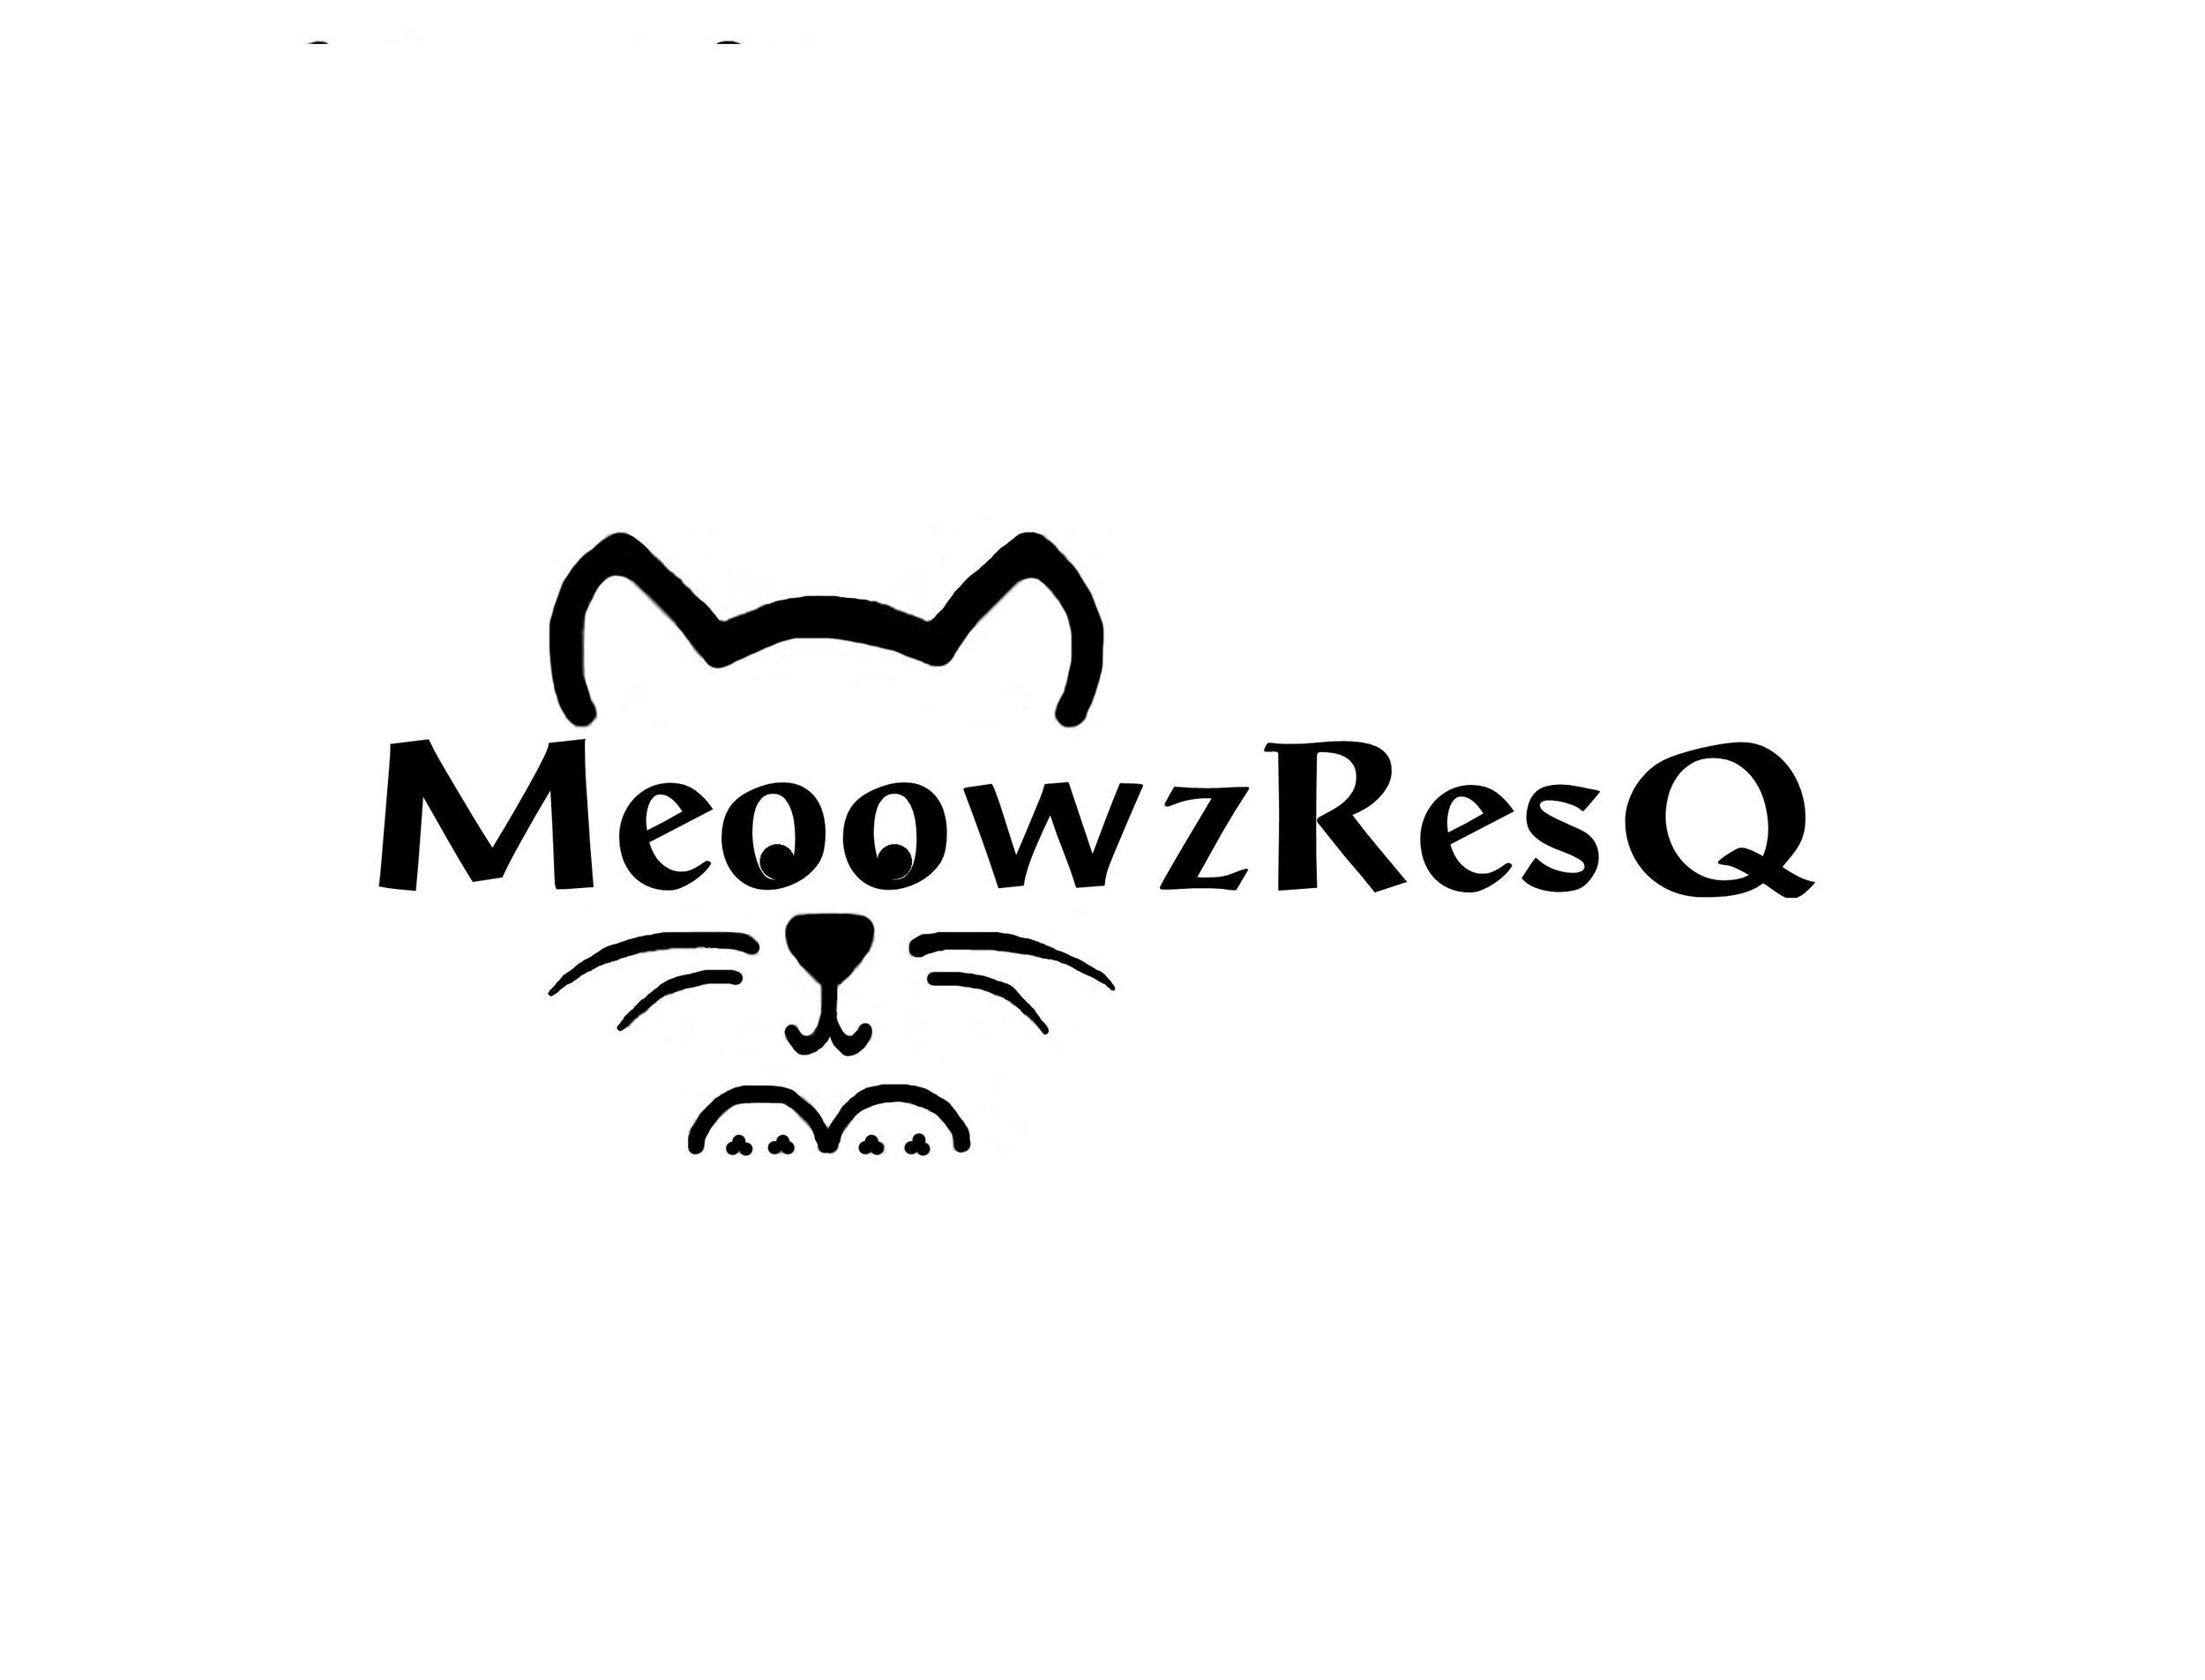 meoowzresq-logo2.jpg